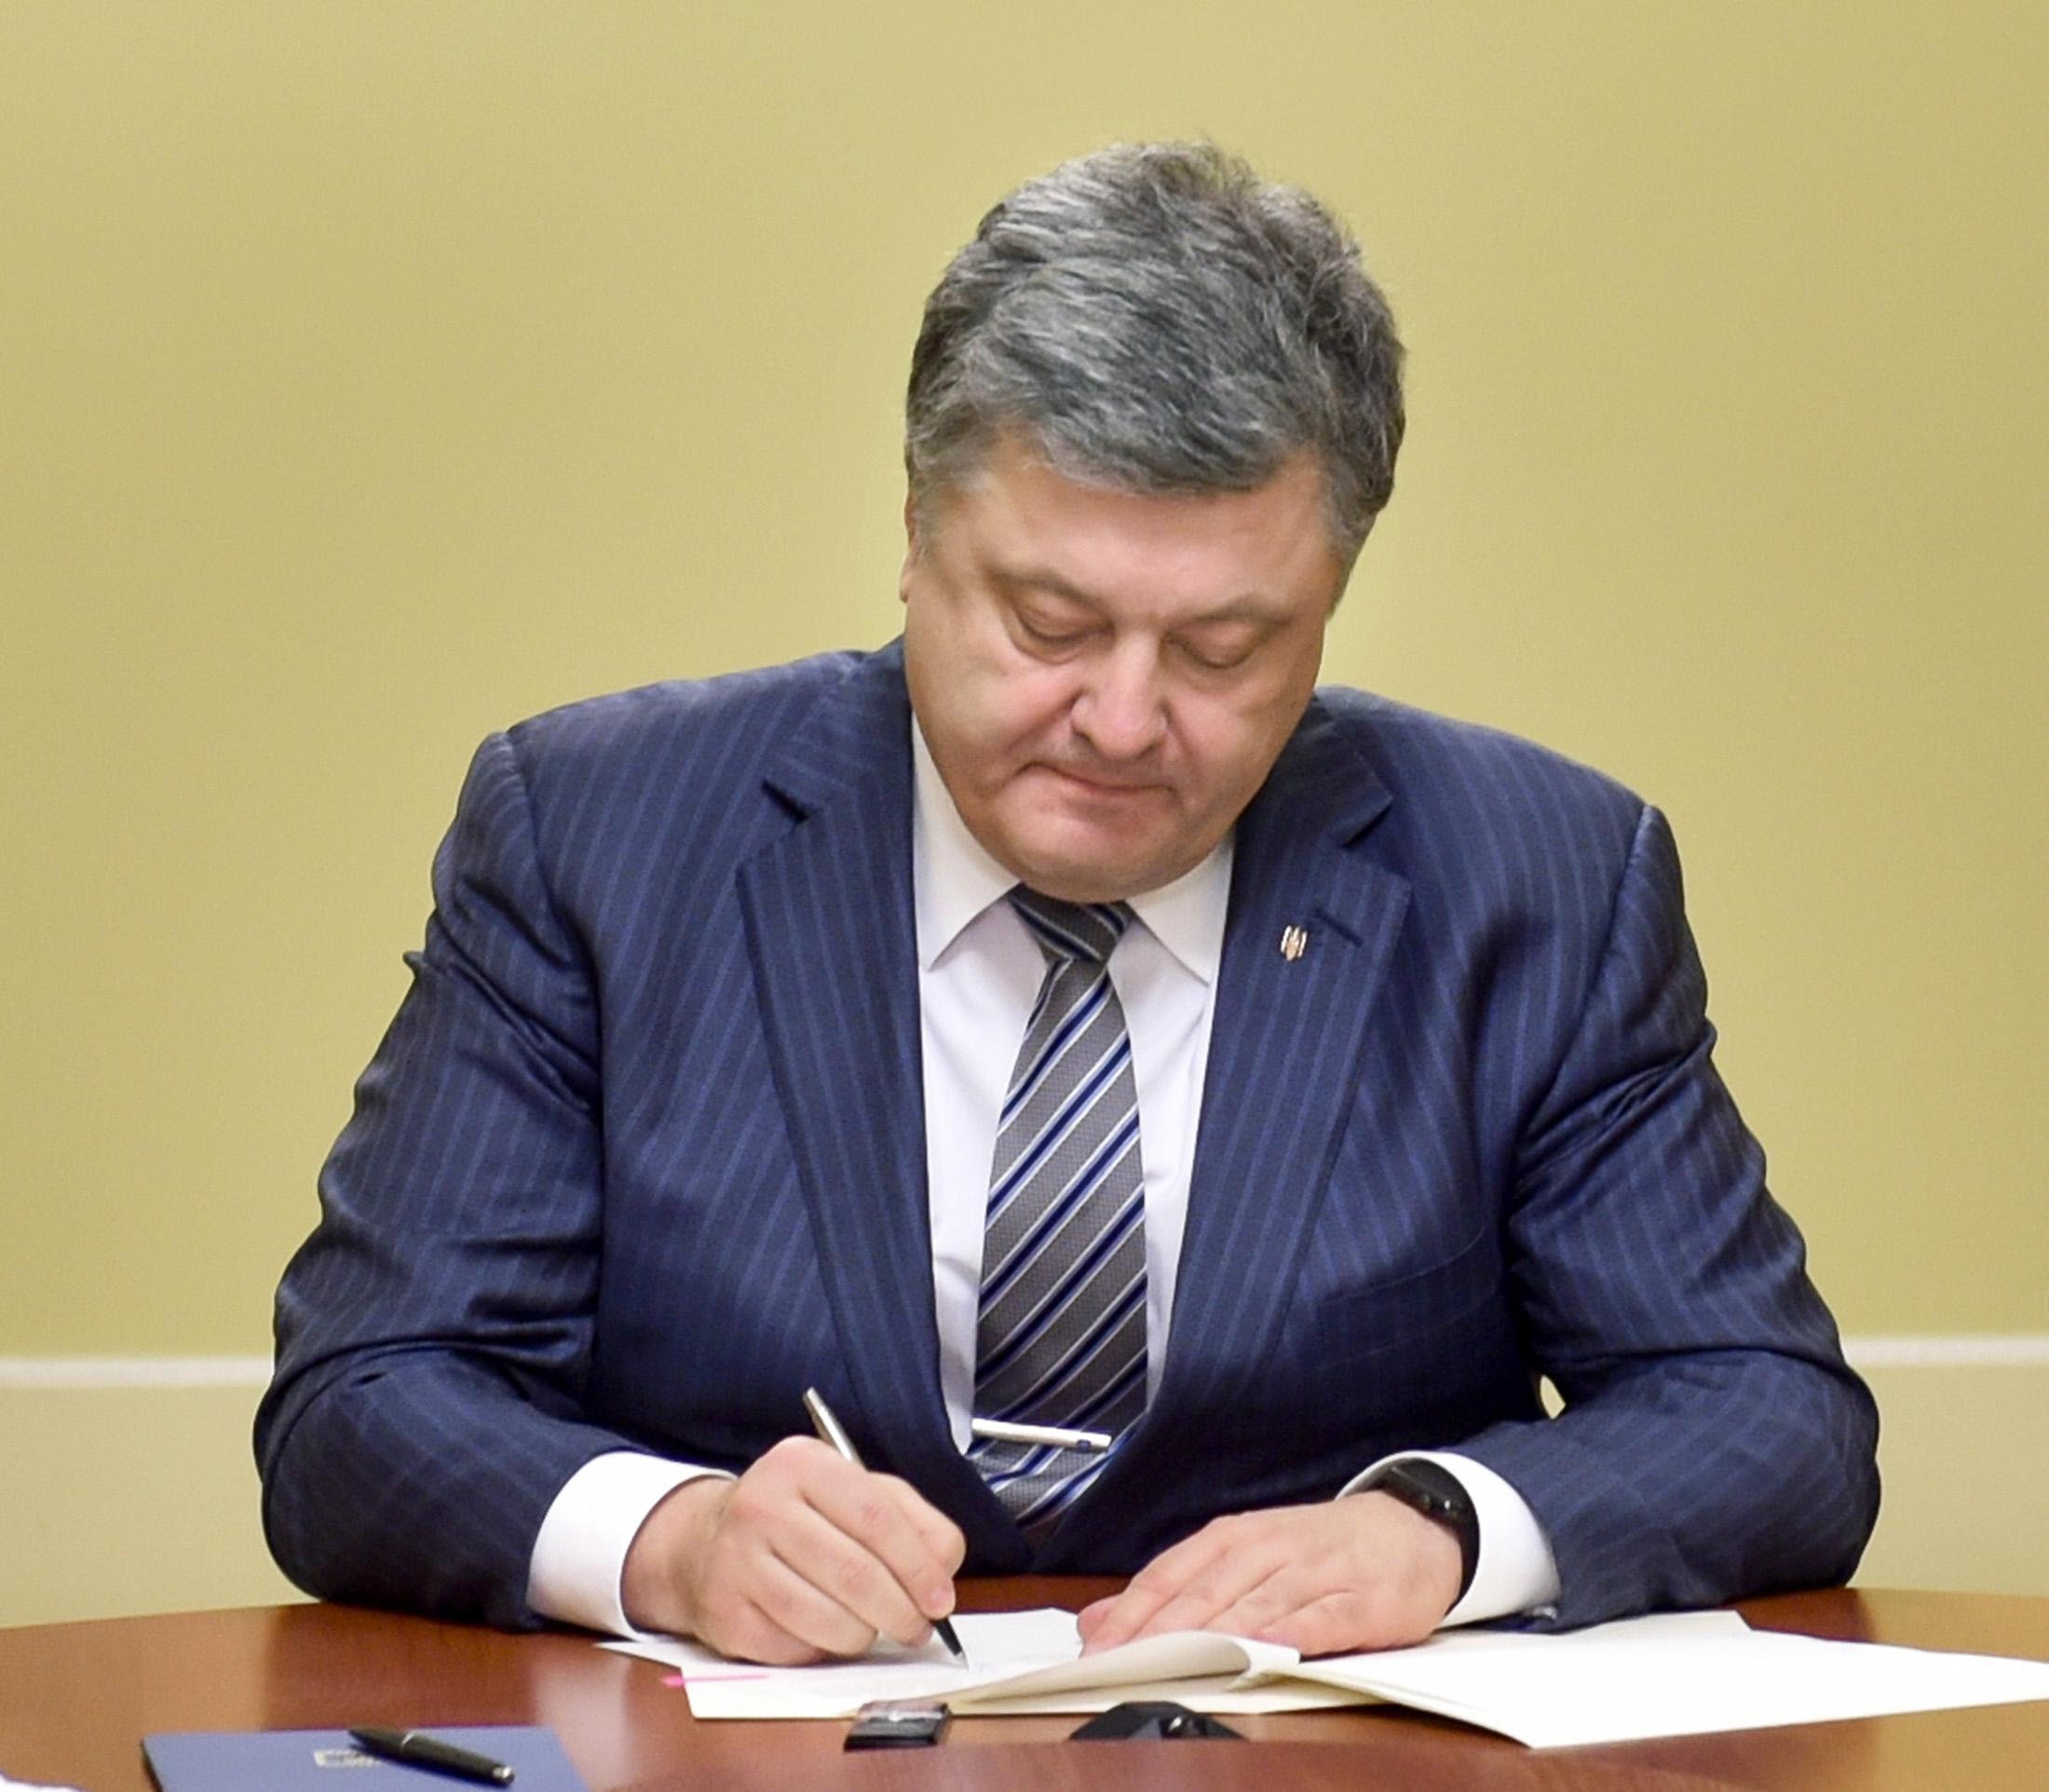 Порошенко амнистировал воевавших в Донбассе военных